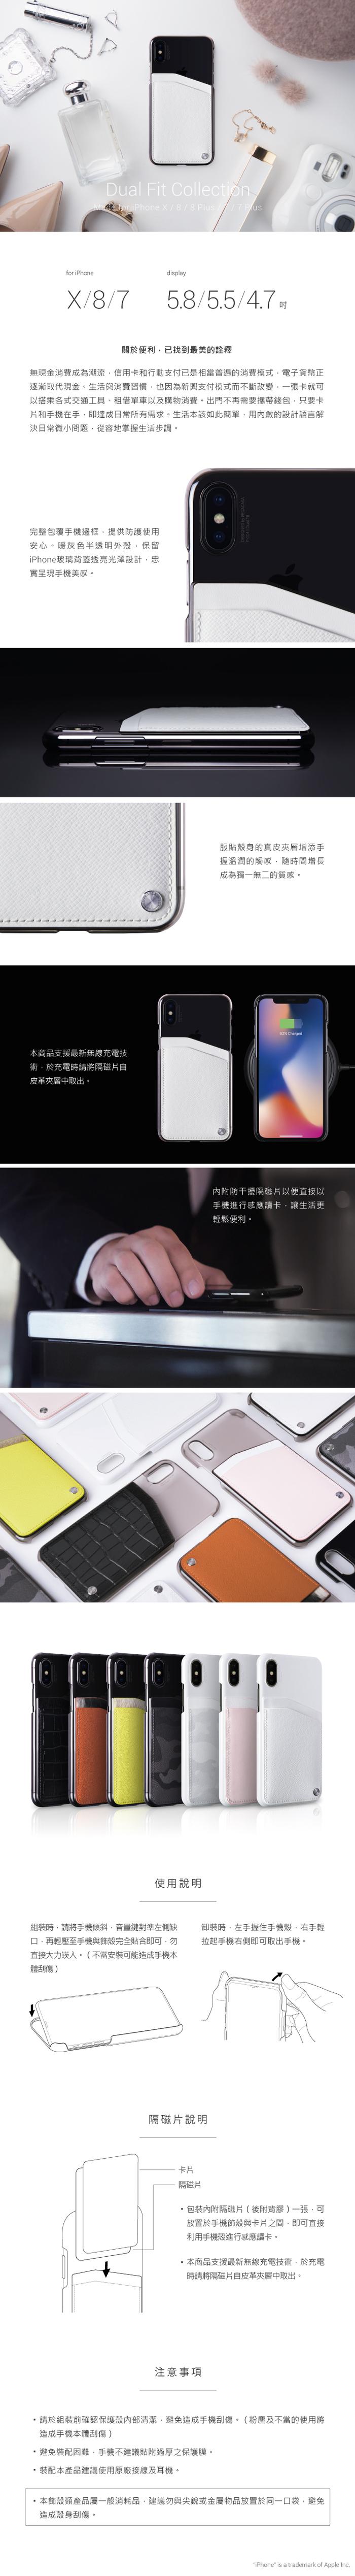 (複製)PEGACASA iPhone 8 /7 Plus 手機殼-經典系列